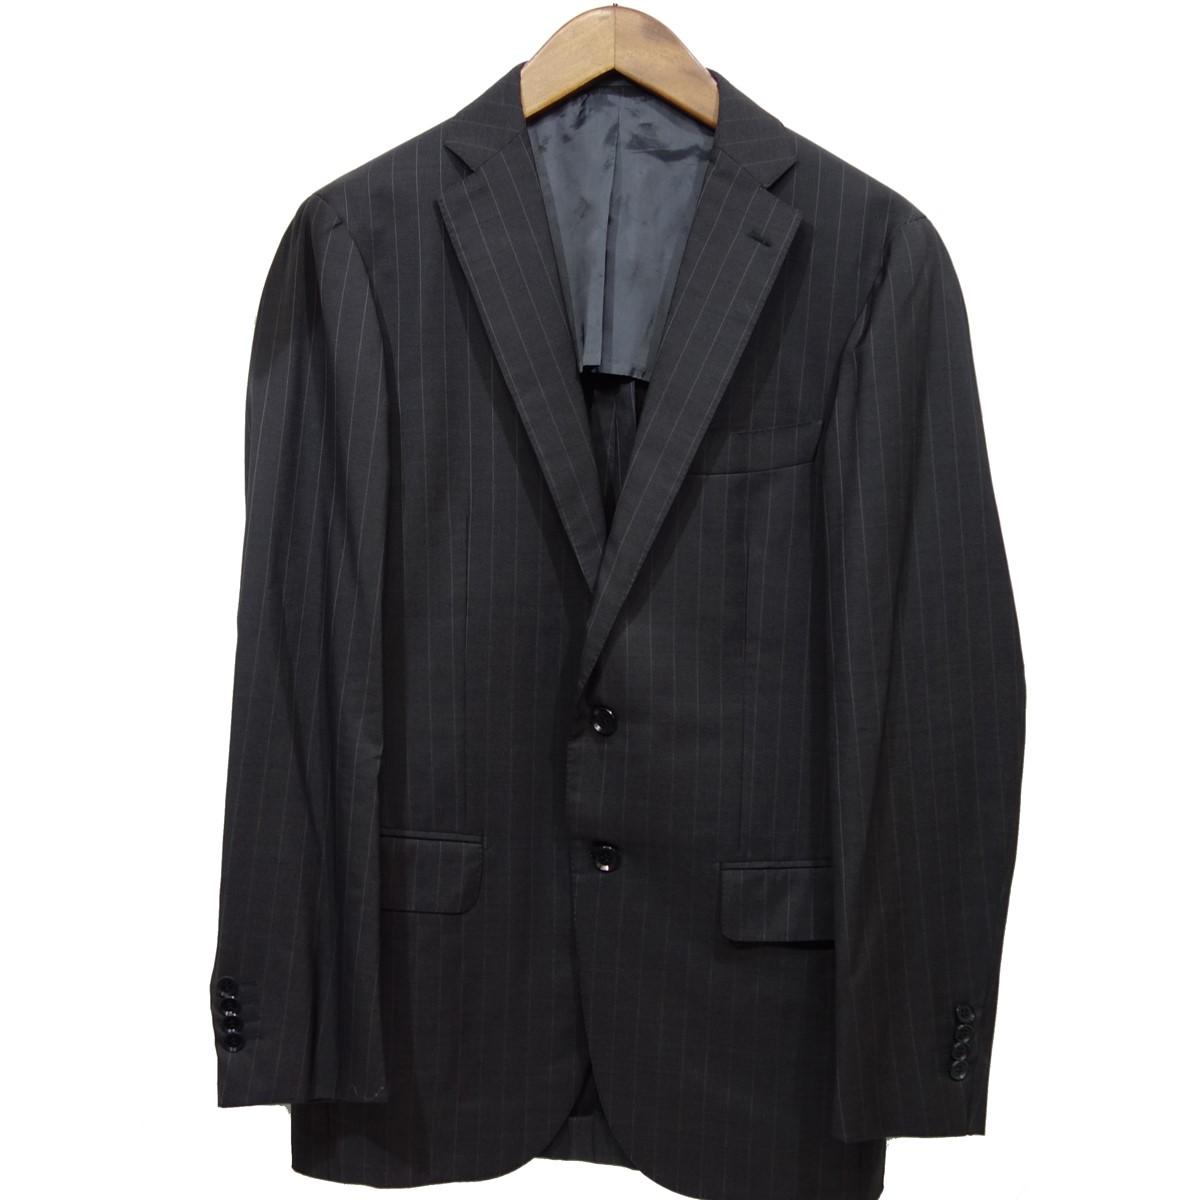 【中古】Ring Jacket ウールストライプ2Bテーラードジャケット グレー サイズ:46 【090220】(リングジャケット)